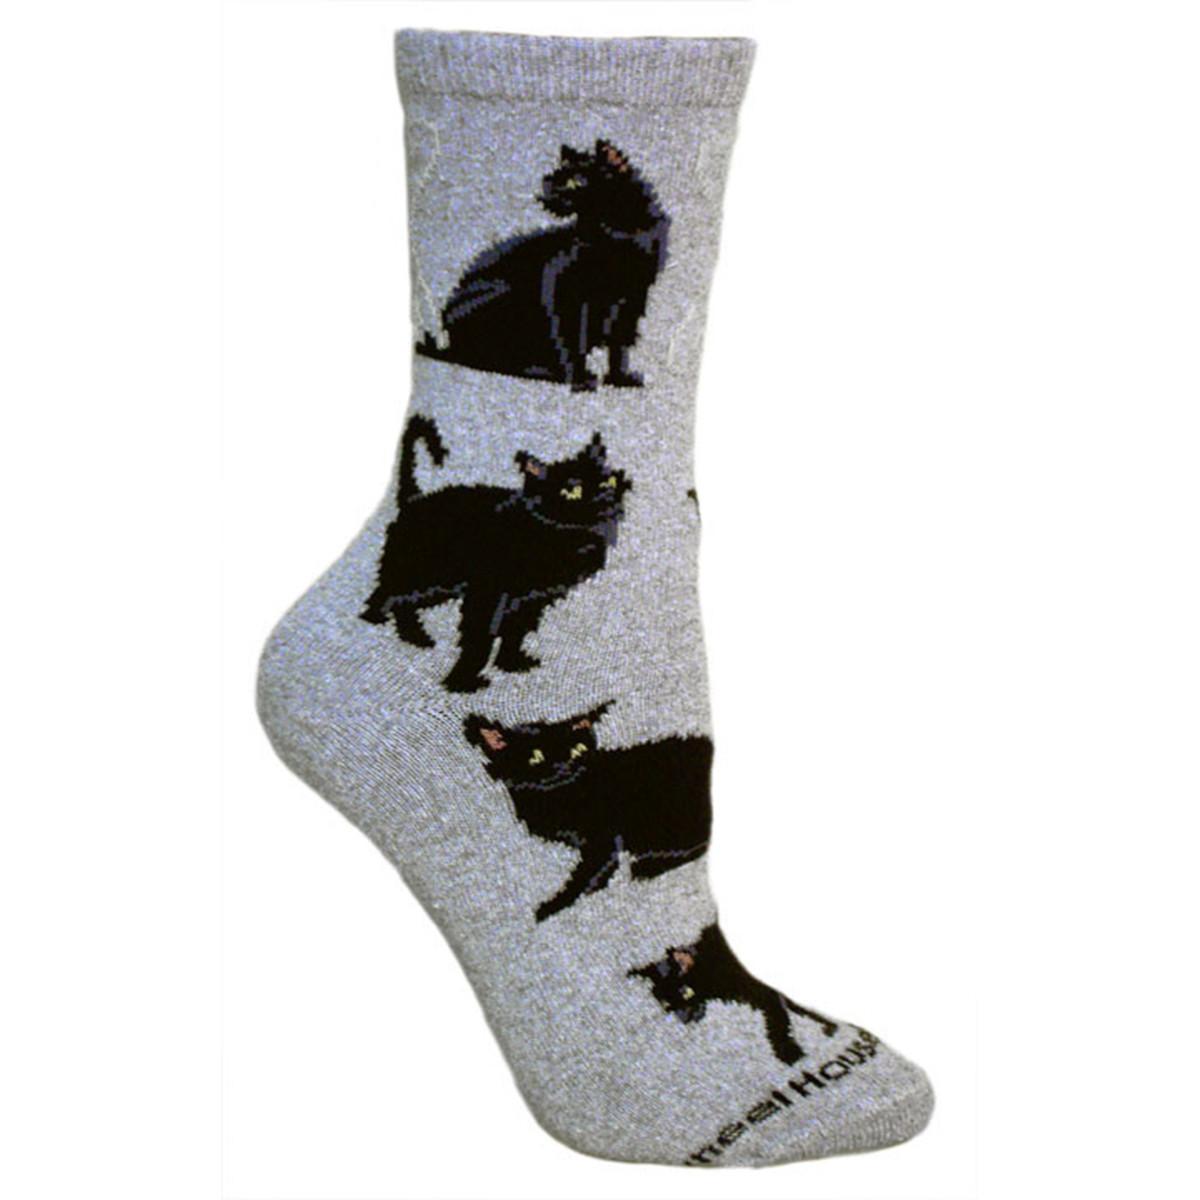 Black Cat Socks Human Shop Breed Specific Socks